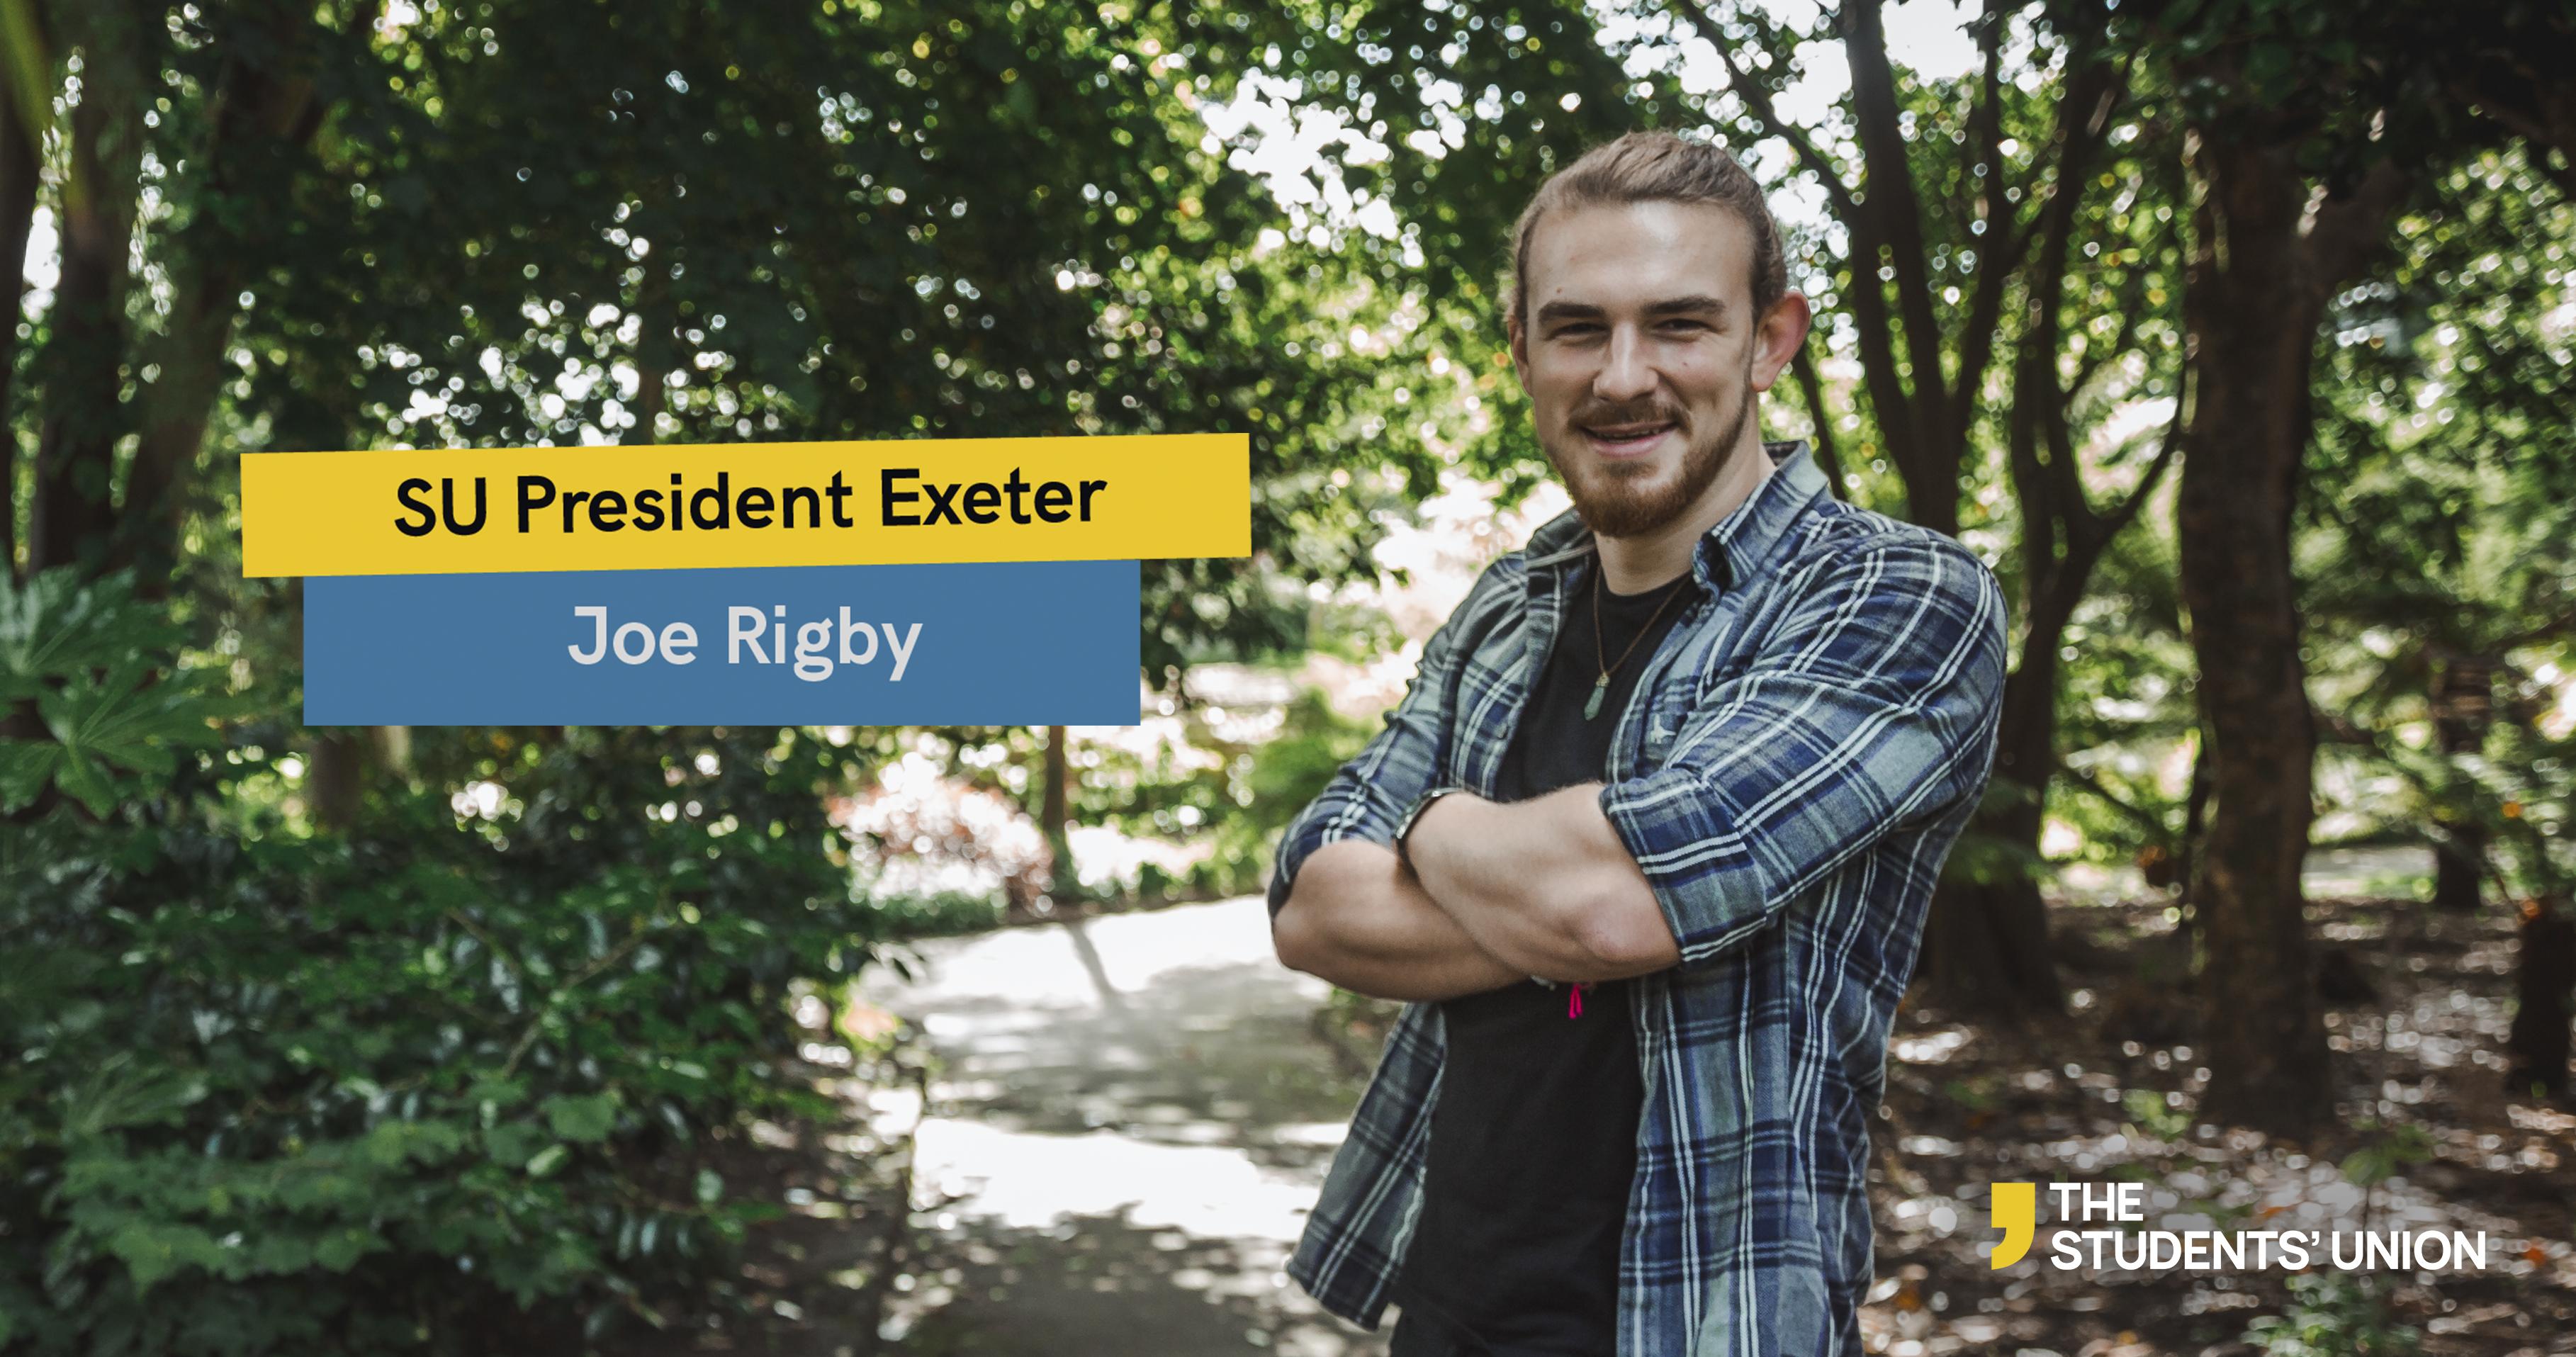 President Exeter